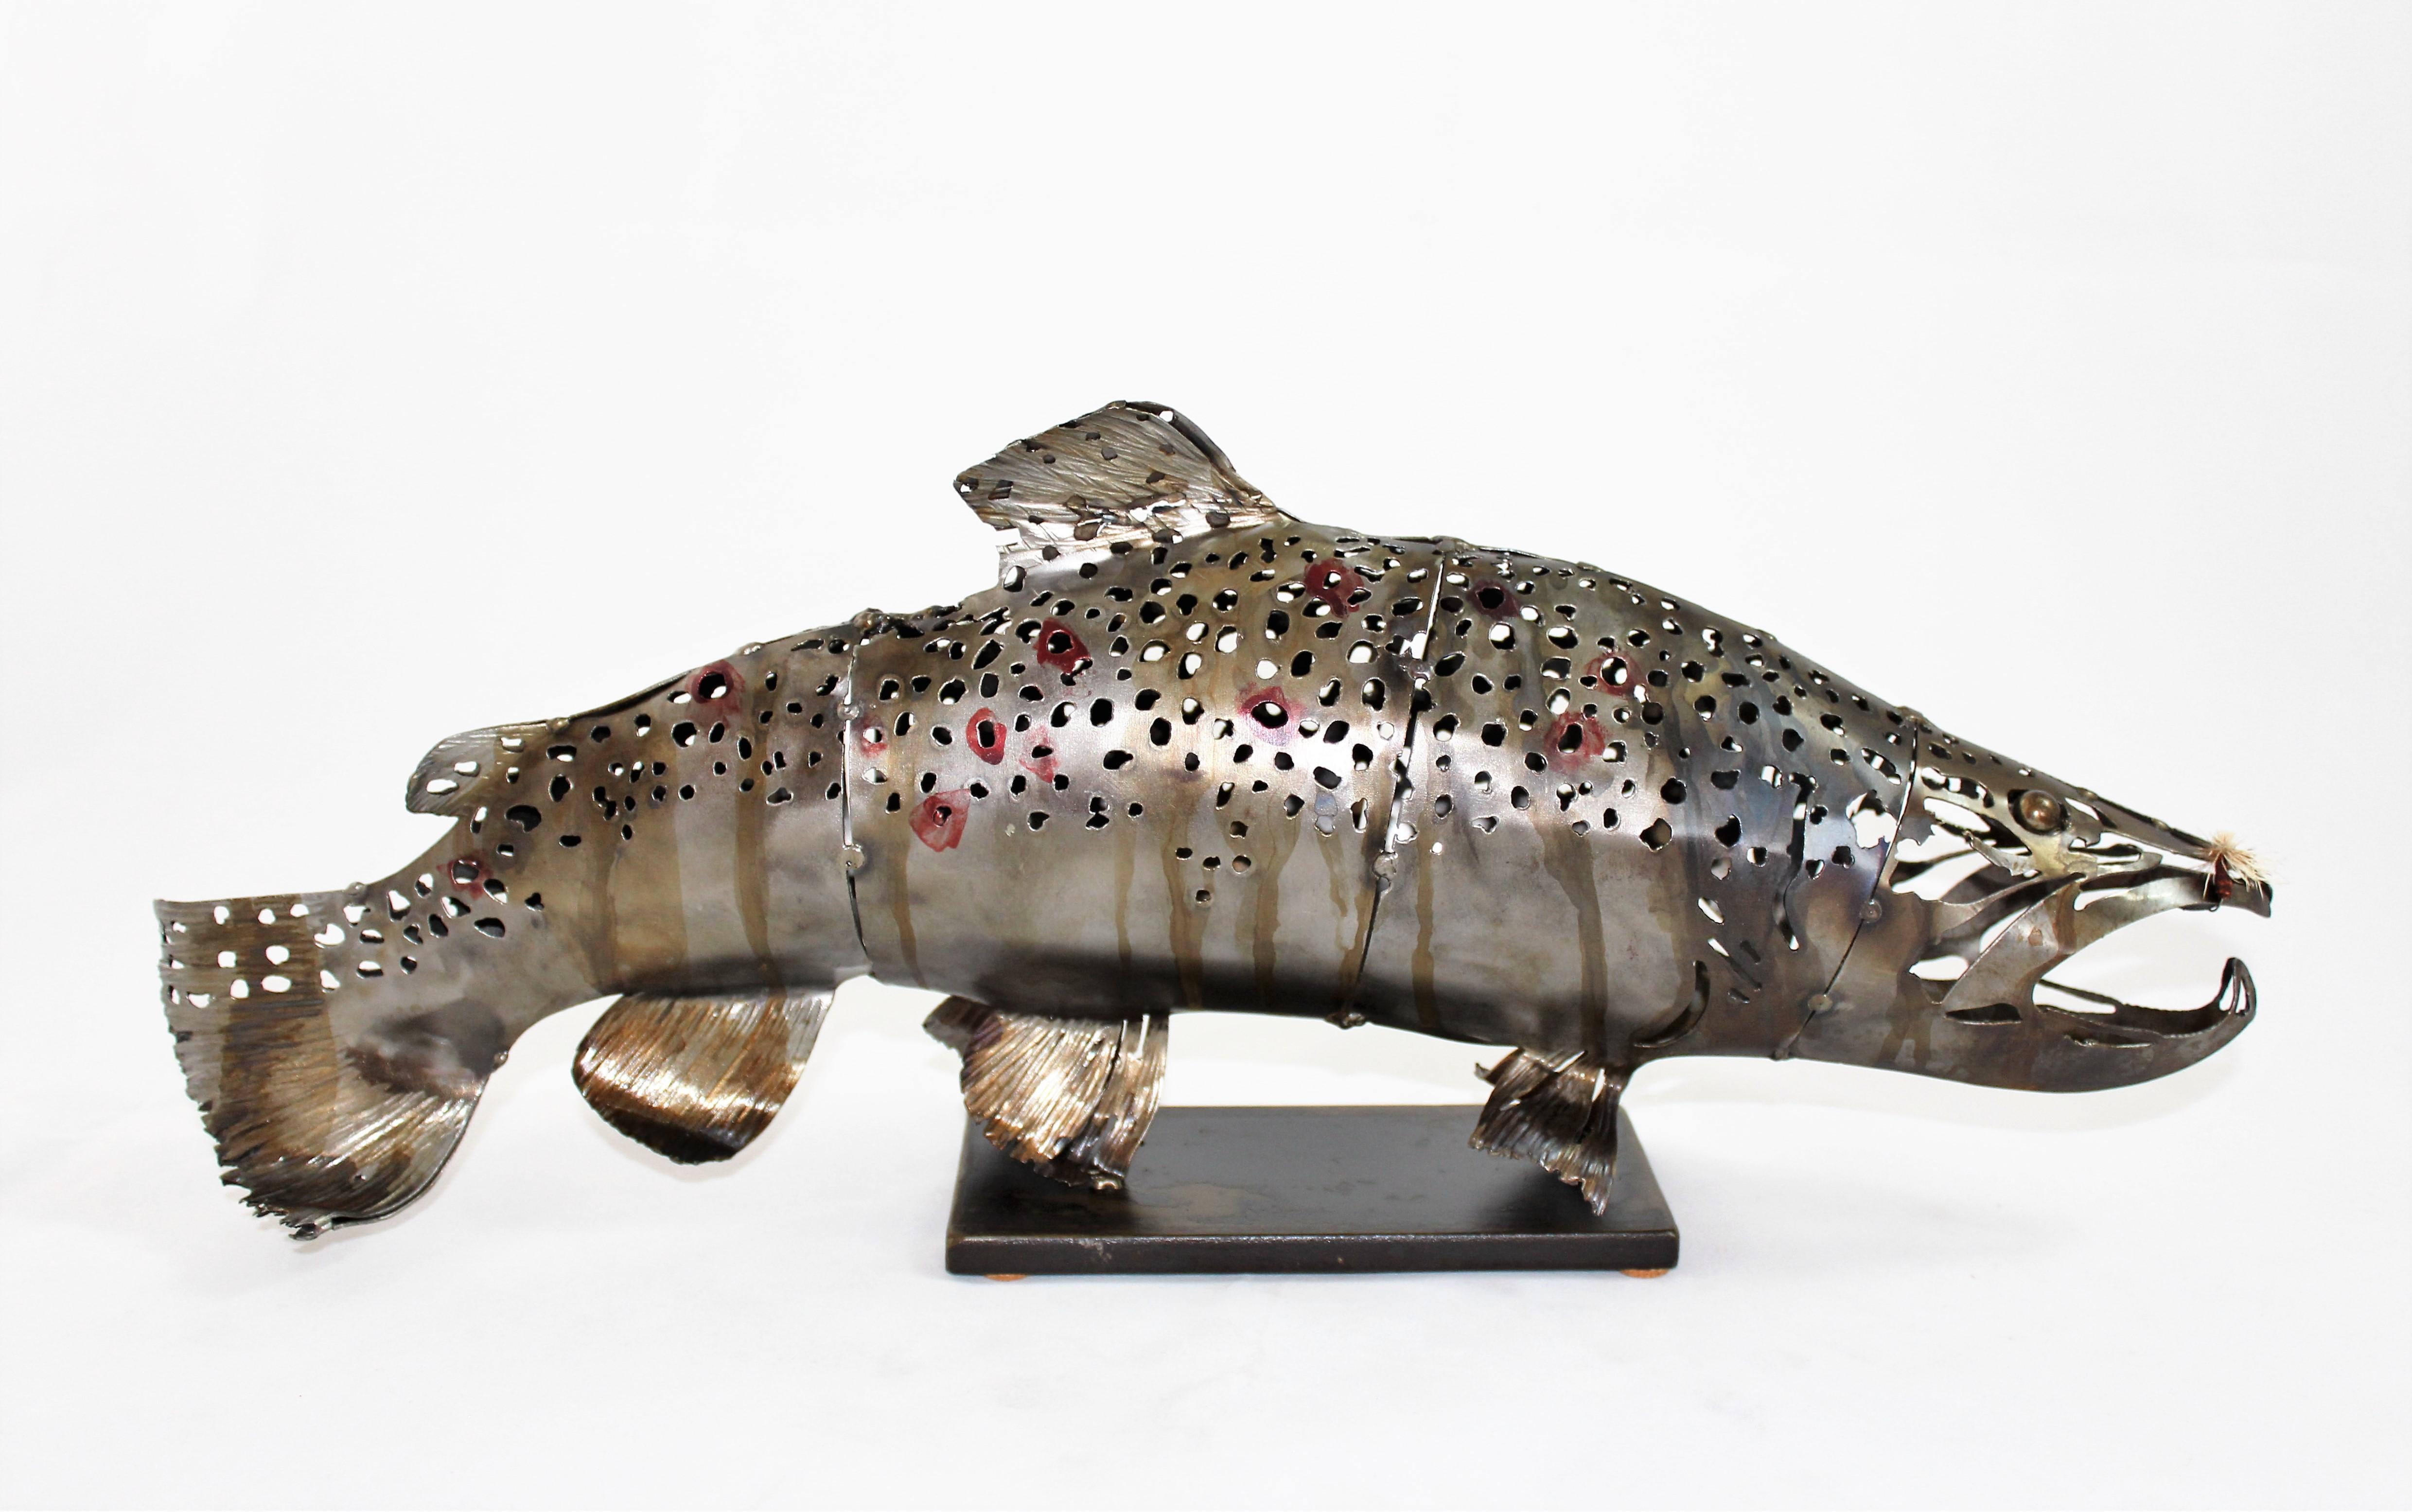 Brown Trout Desktop Sculpture